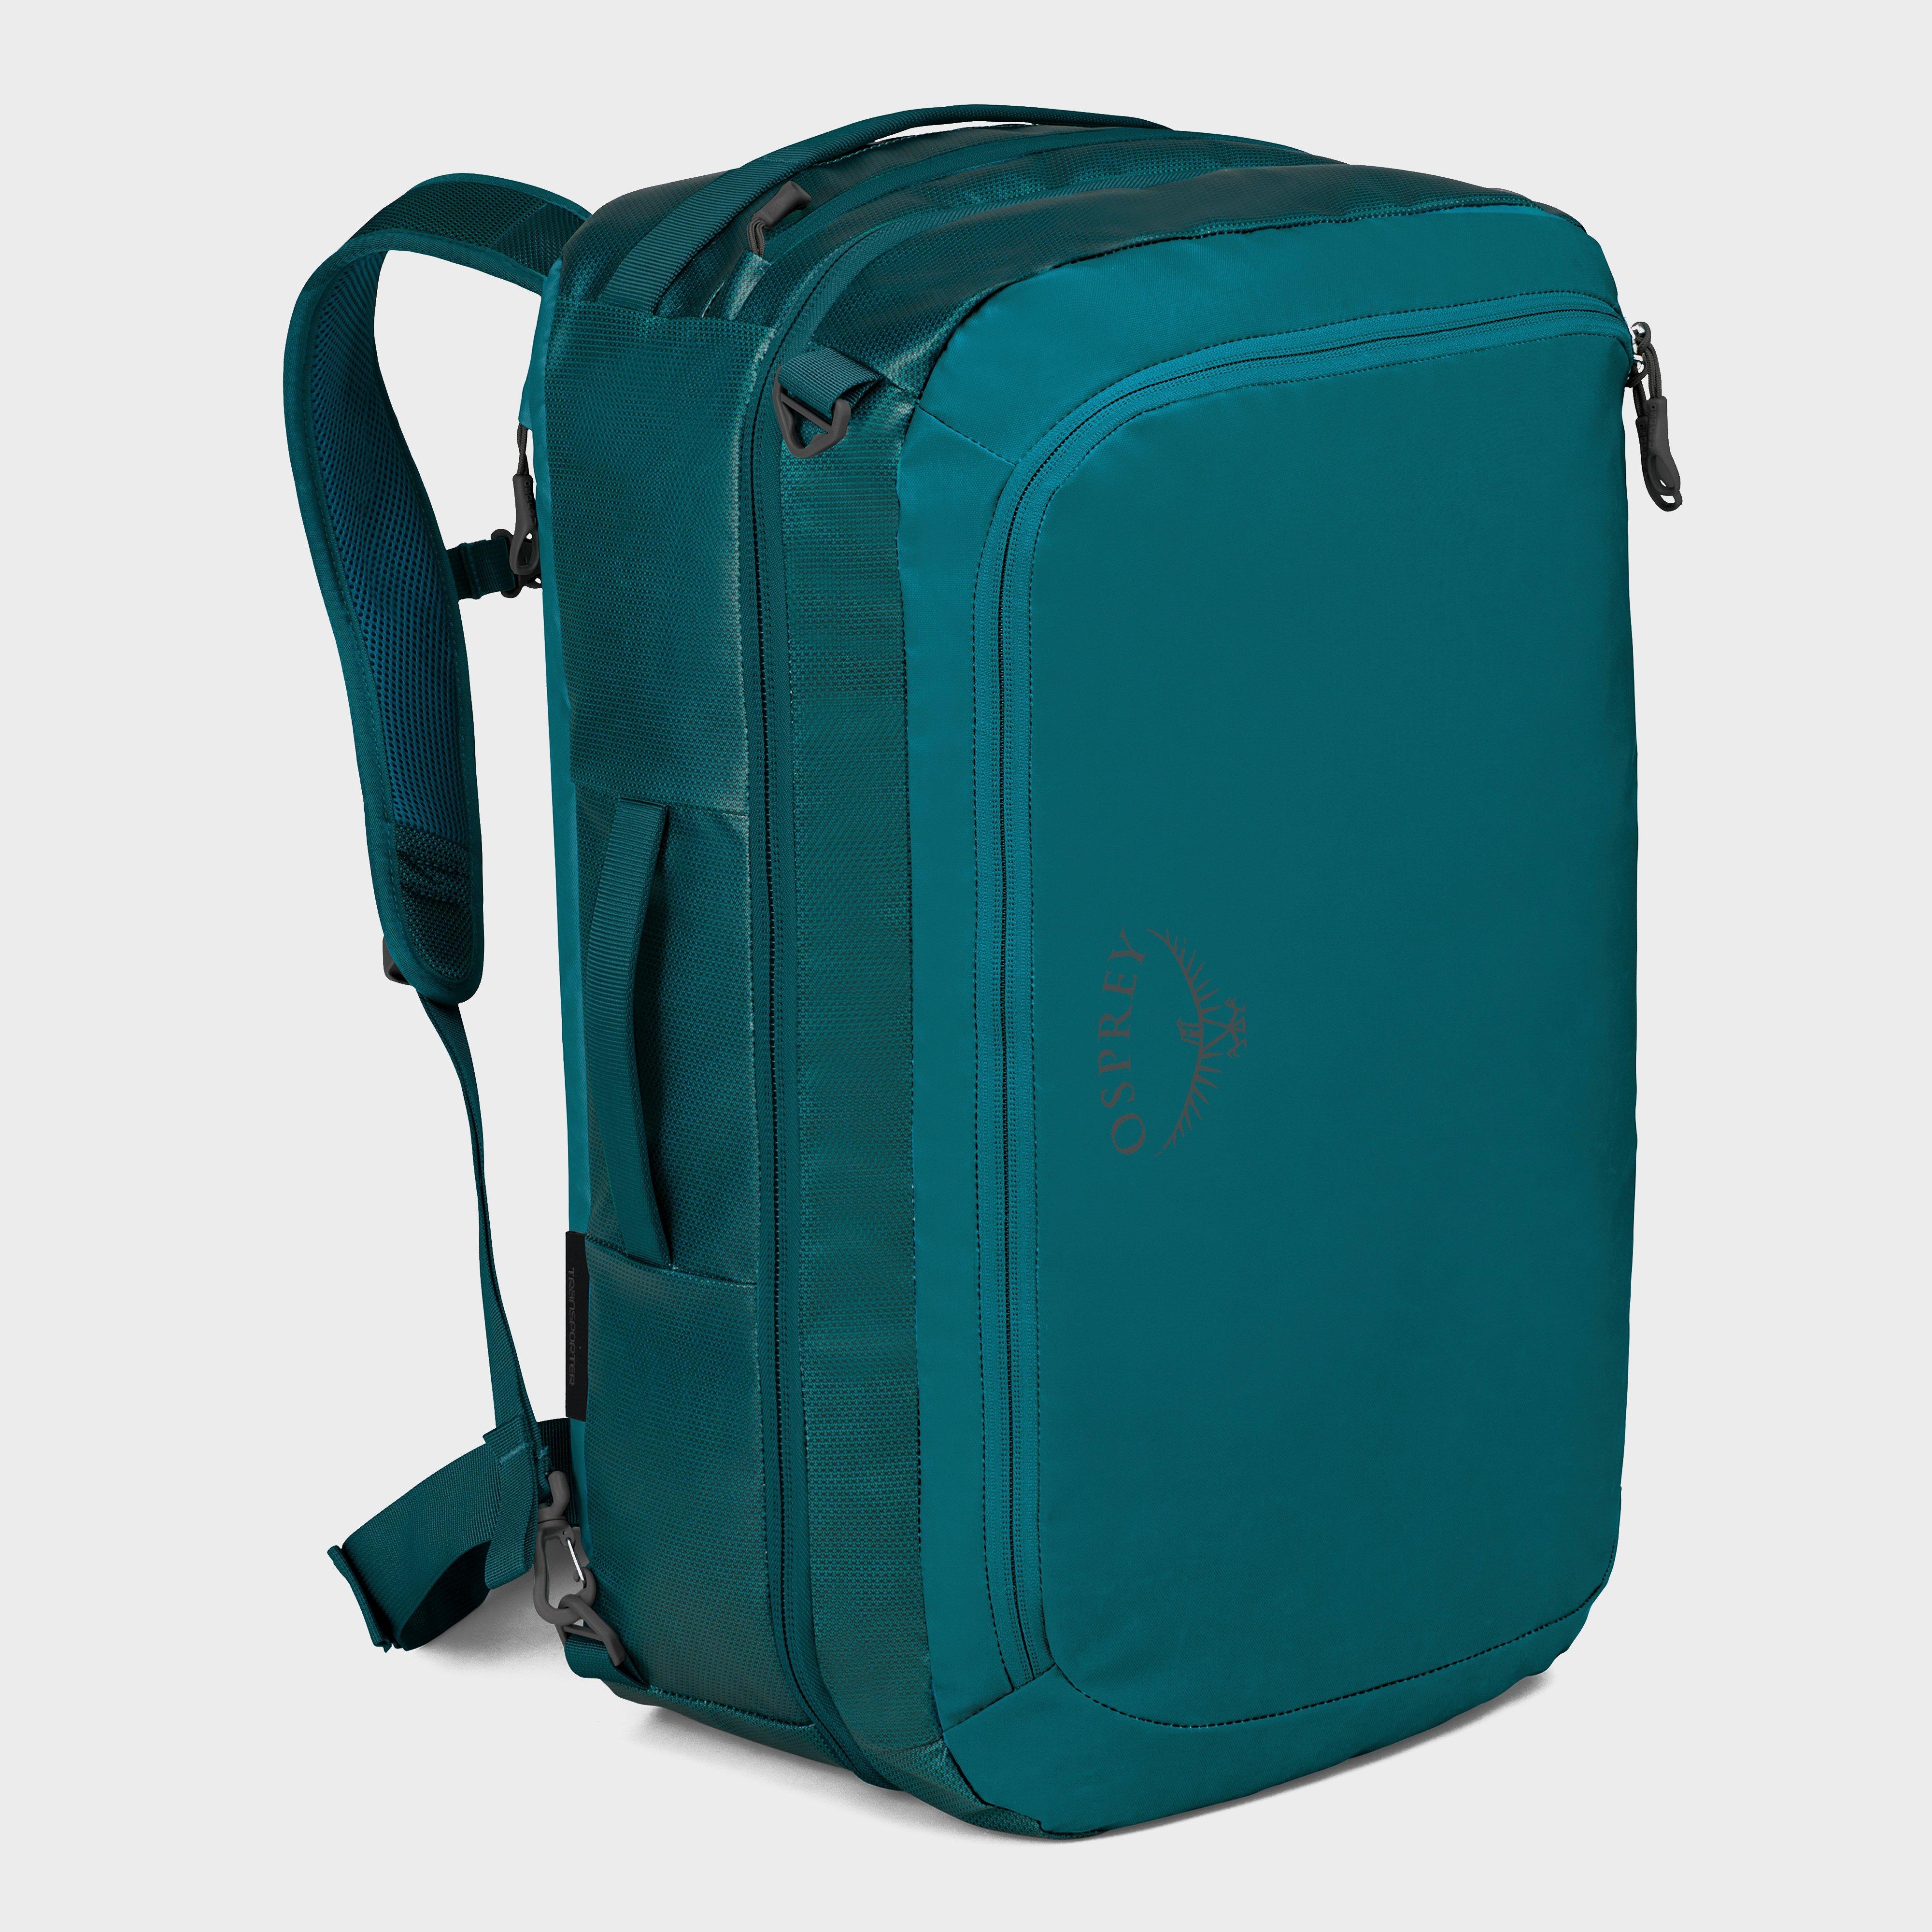 Osprey Carry-On Travel Bag 44L, Teal